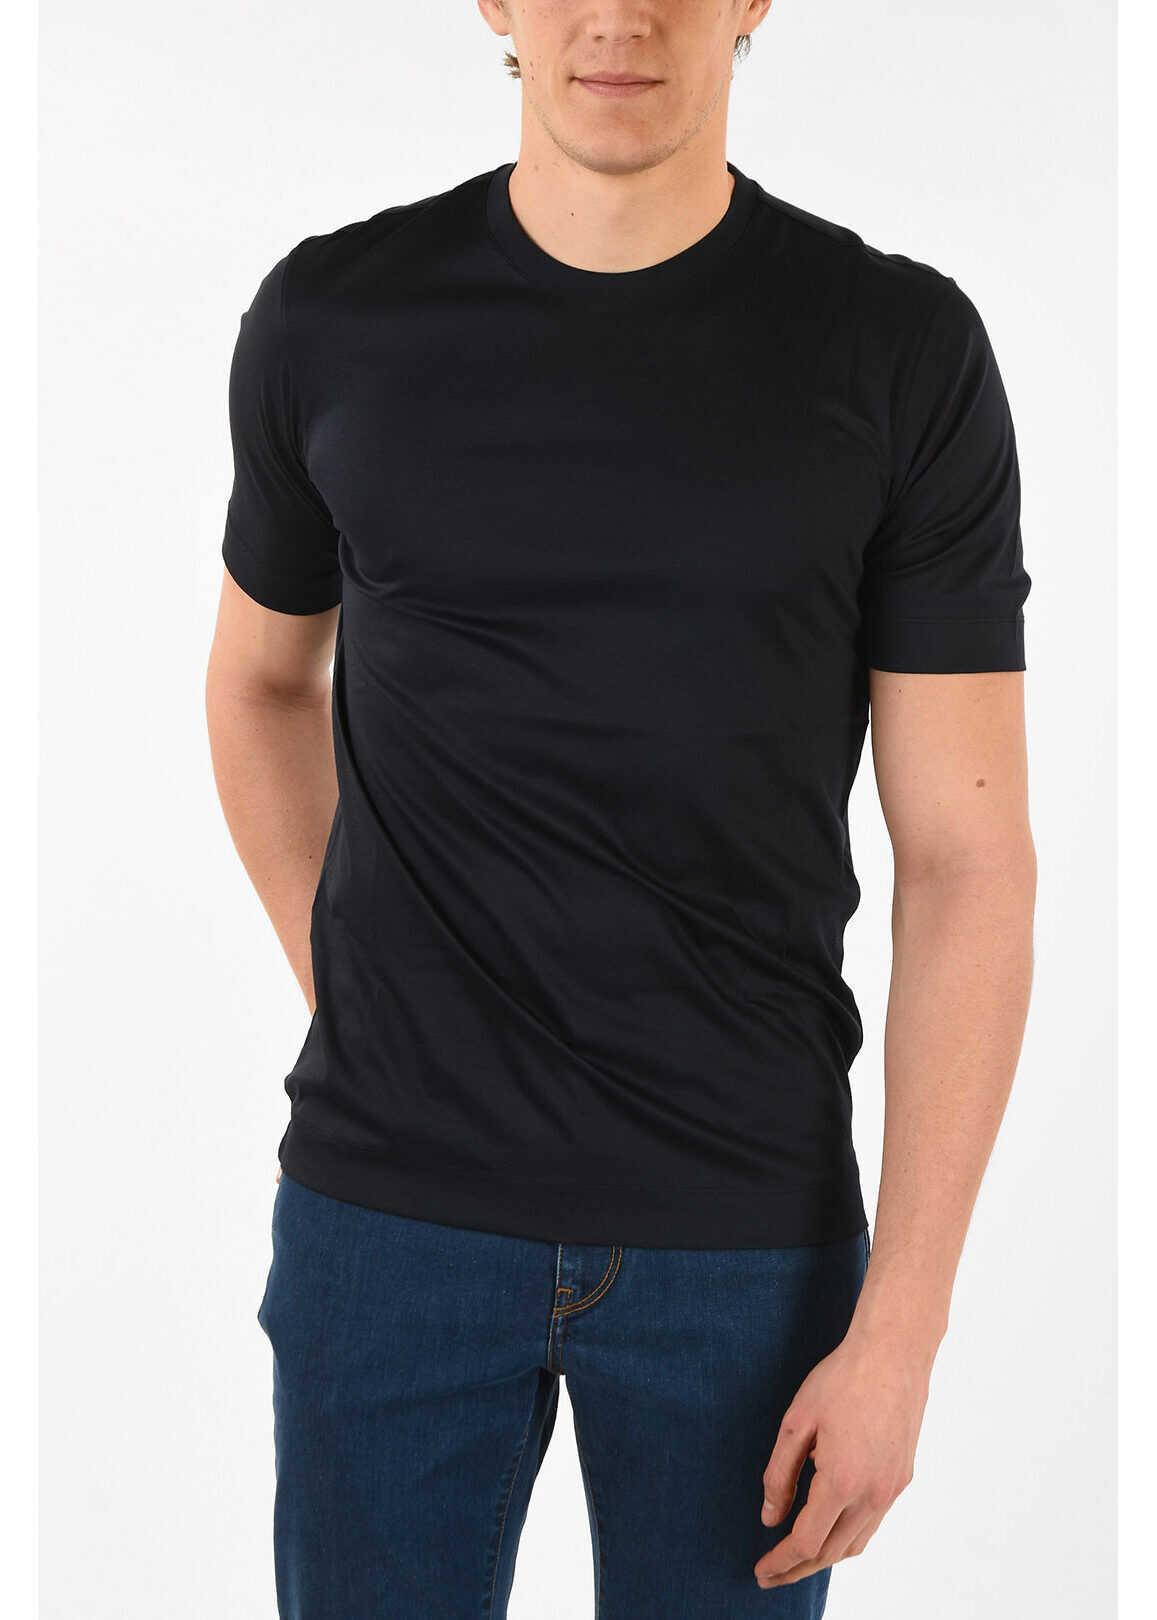 Z ZEGNA Cotton Crew-Neck T-Shirt